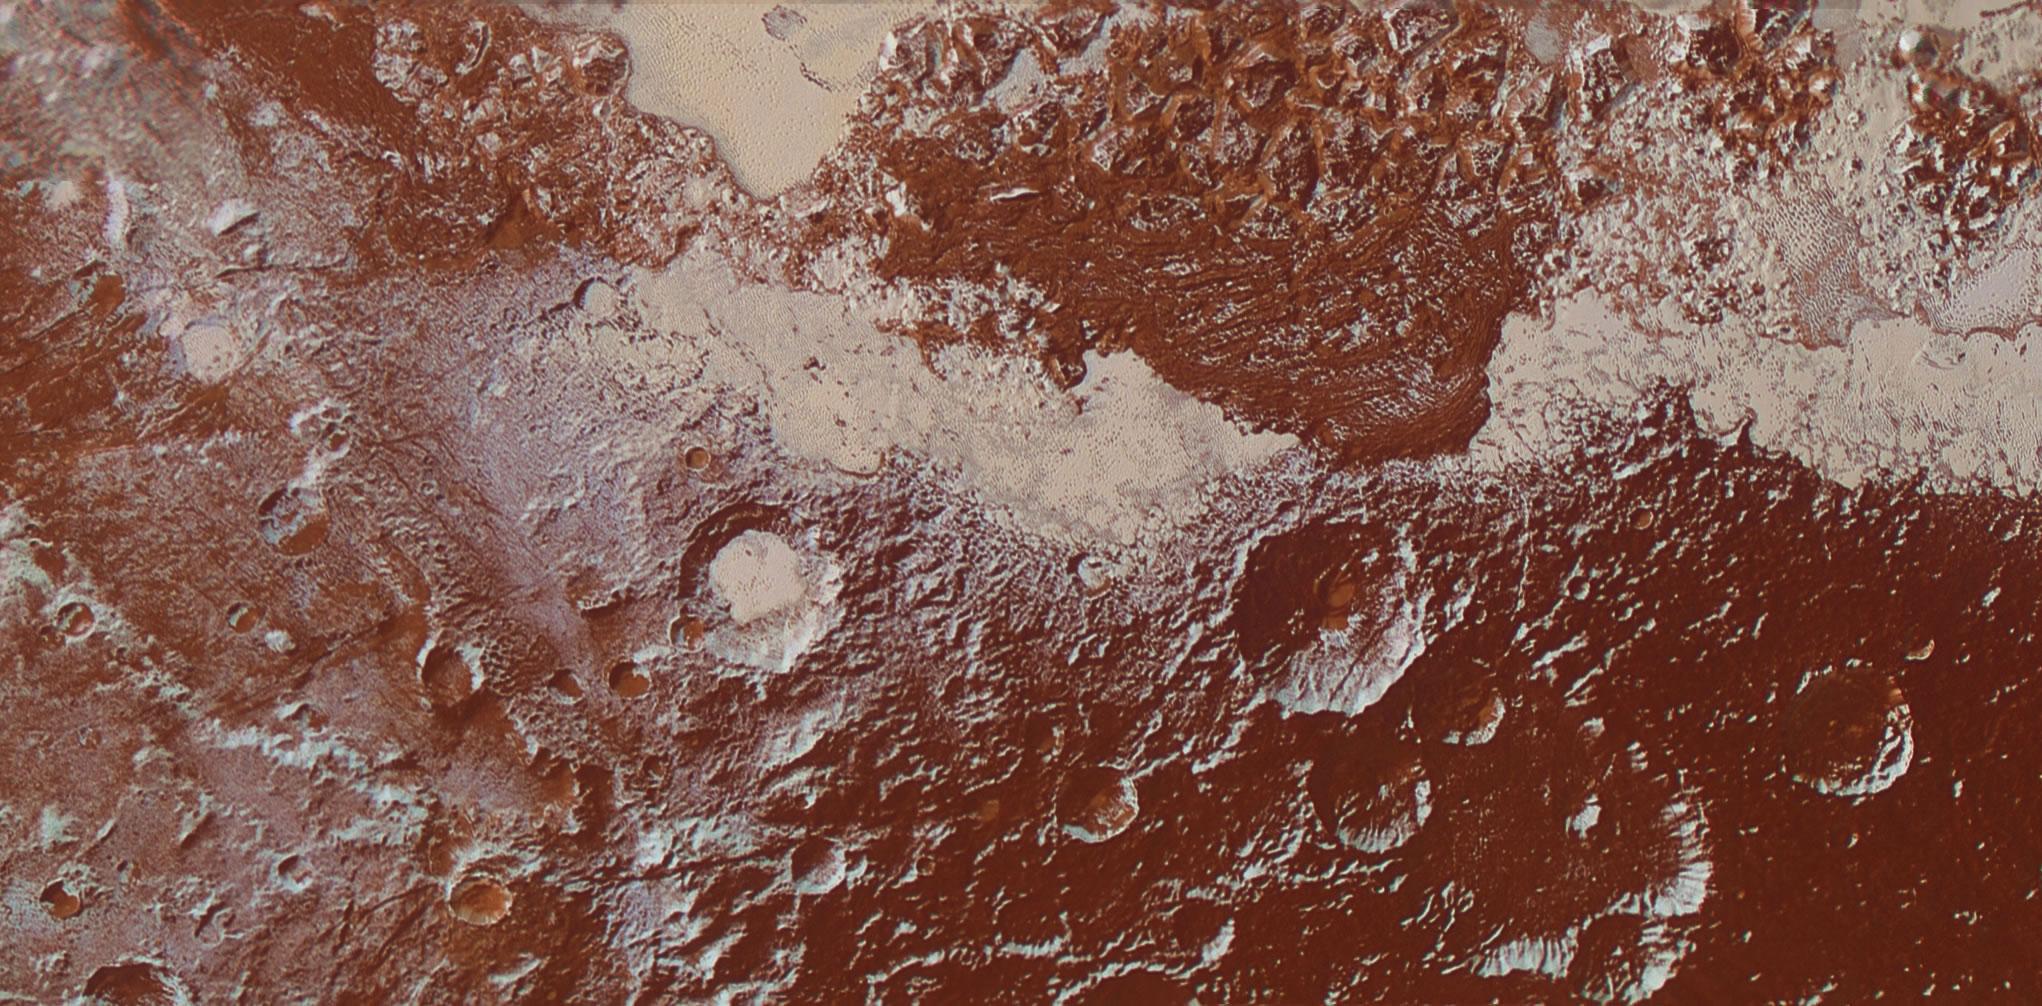 Plüton'un yüzeyine ait piksel başına 650 metre çözünürlüklü renkli fotoğraf. Sağ alt köşede kraterli koyu alan görülürken, yukarısında Sputnik Planum'un yüzeyini sıradağlar ile kaplayan değişken buz-su alan yer alıyor. Orta altta ise metan-buz kalıntıları tektonik yamaçları, kraterlerin kenarlarını ve kuzeye bakan eğimleri oluşturuyor. [NASA]